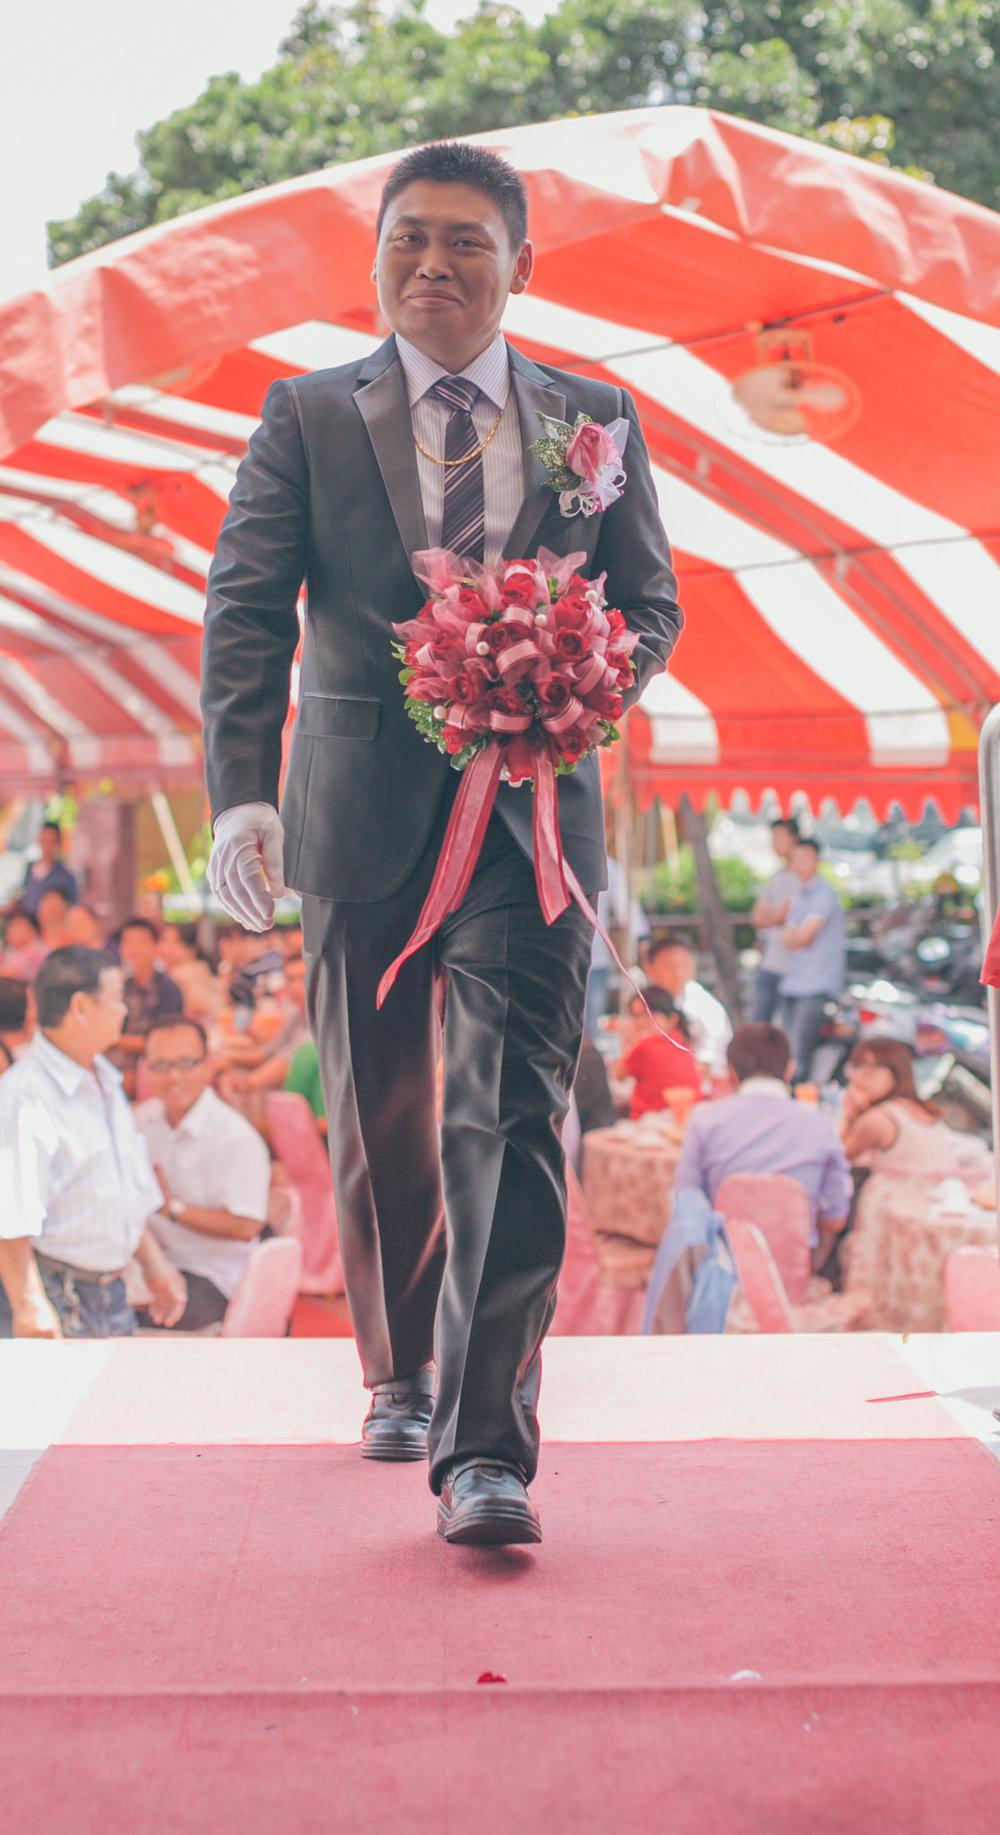 默默推薦婚攝,張默默,婚禮紀錄默默,推薦,momo婚禮-0067.jpg